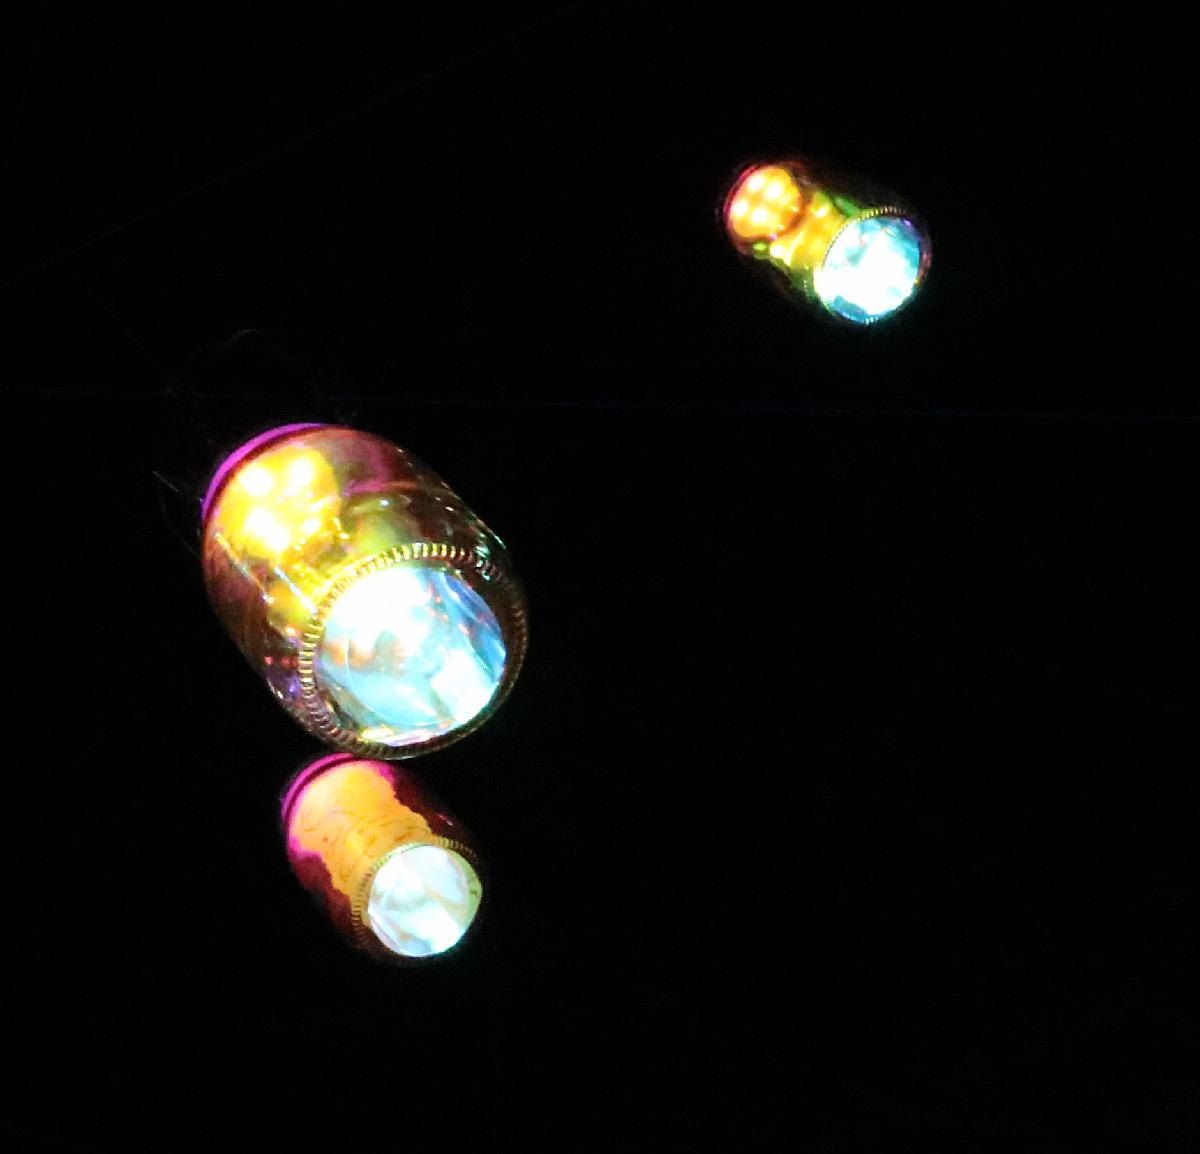 Lumières en soi(e), place Rambaud, Lyon, France - Plasticien lumière : Creatmosphere